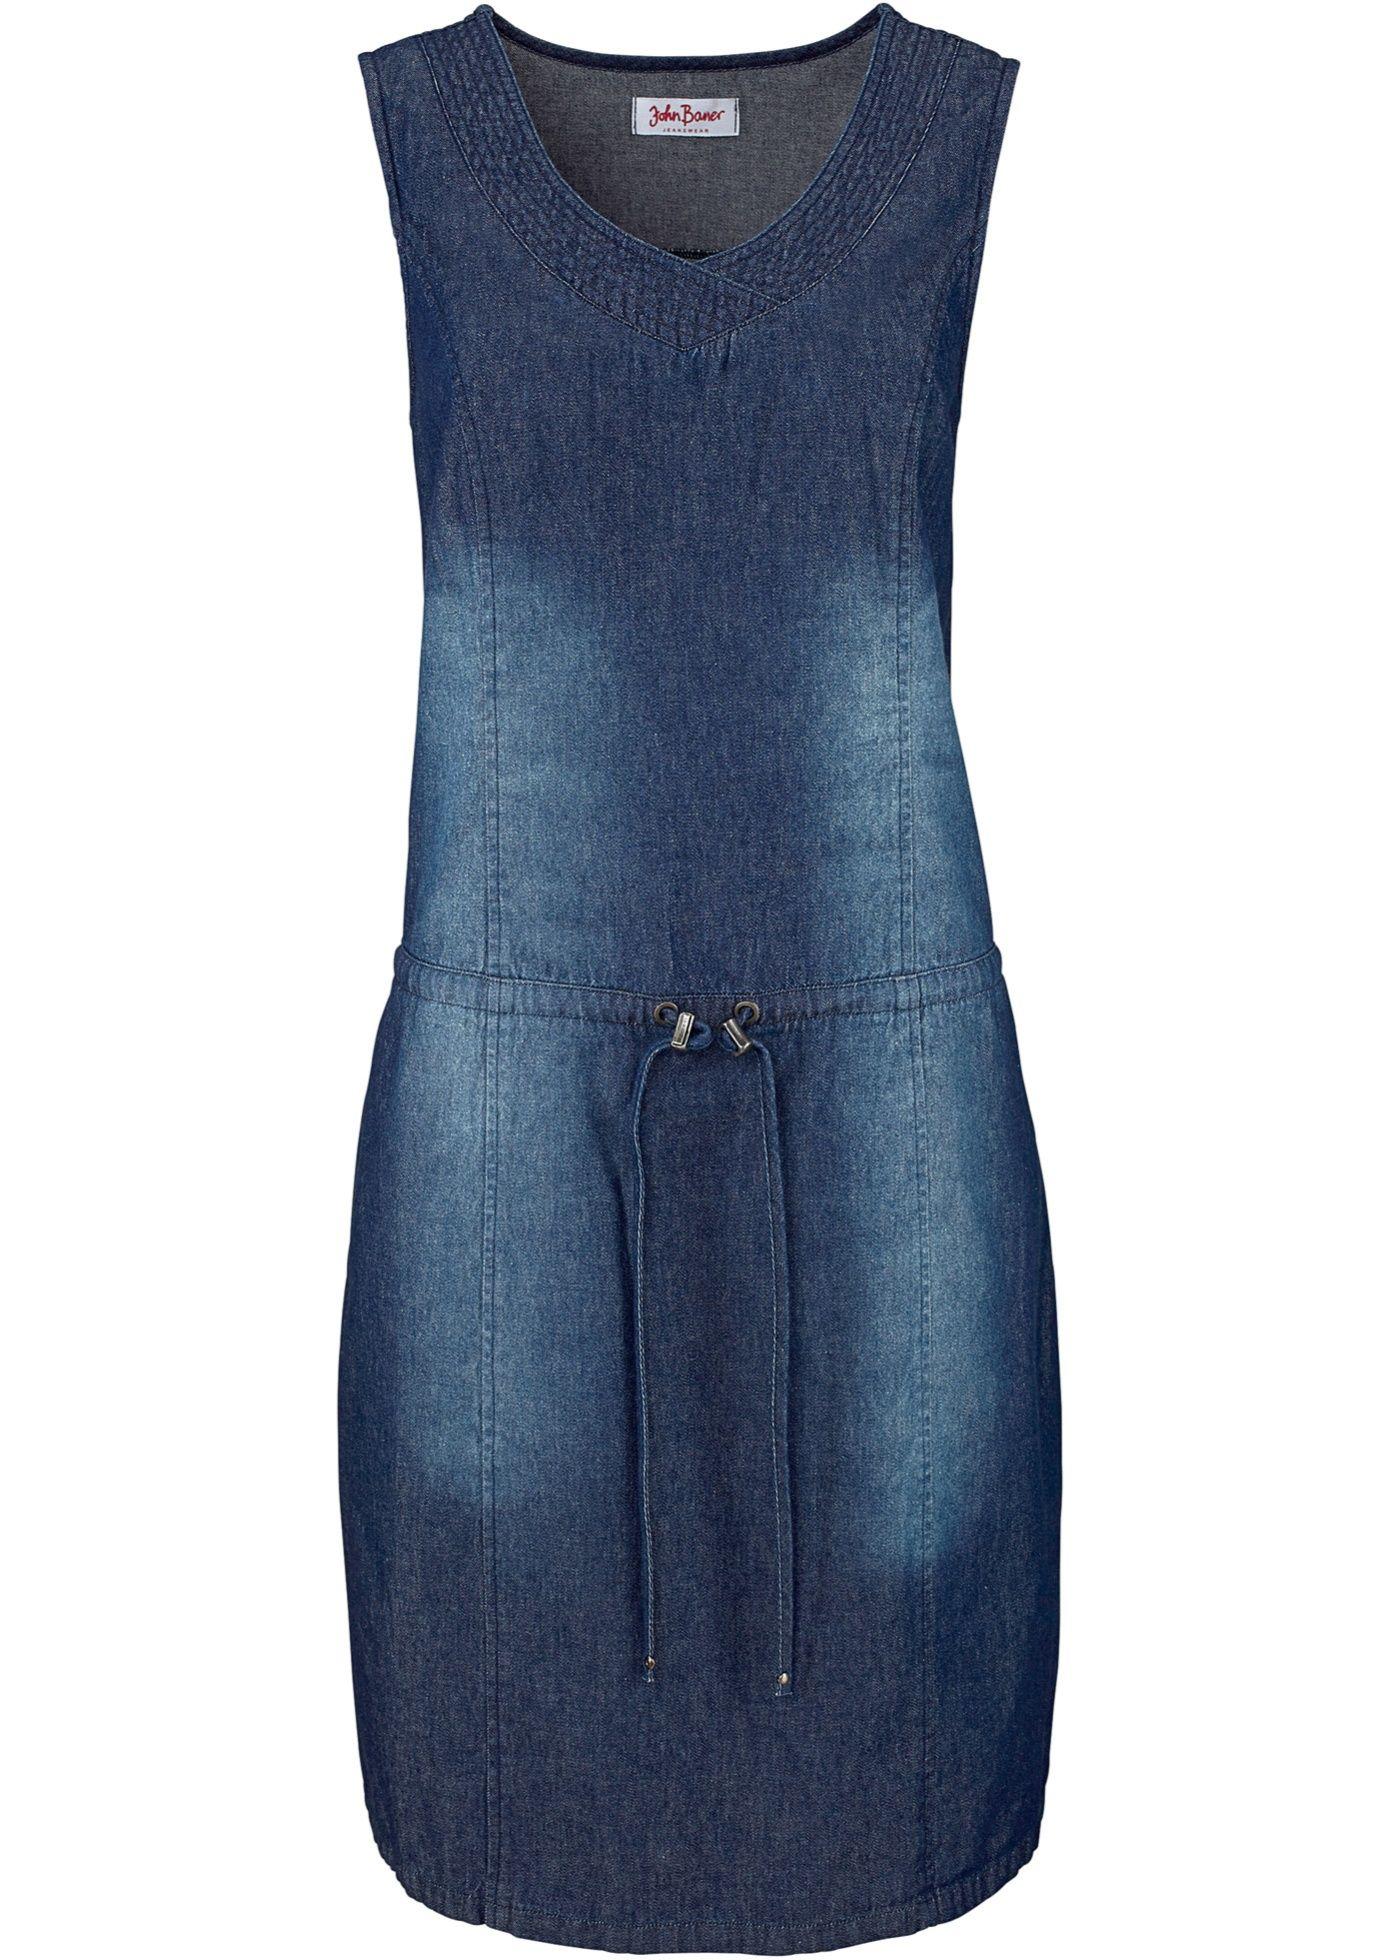 Vestido jeans com cordão de ajuste azul escuro estonado encomendar agora na loja on-line bonprix.de  R$ 149,90 a partir de Este vestido jeans sem mangas tem ...